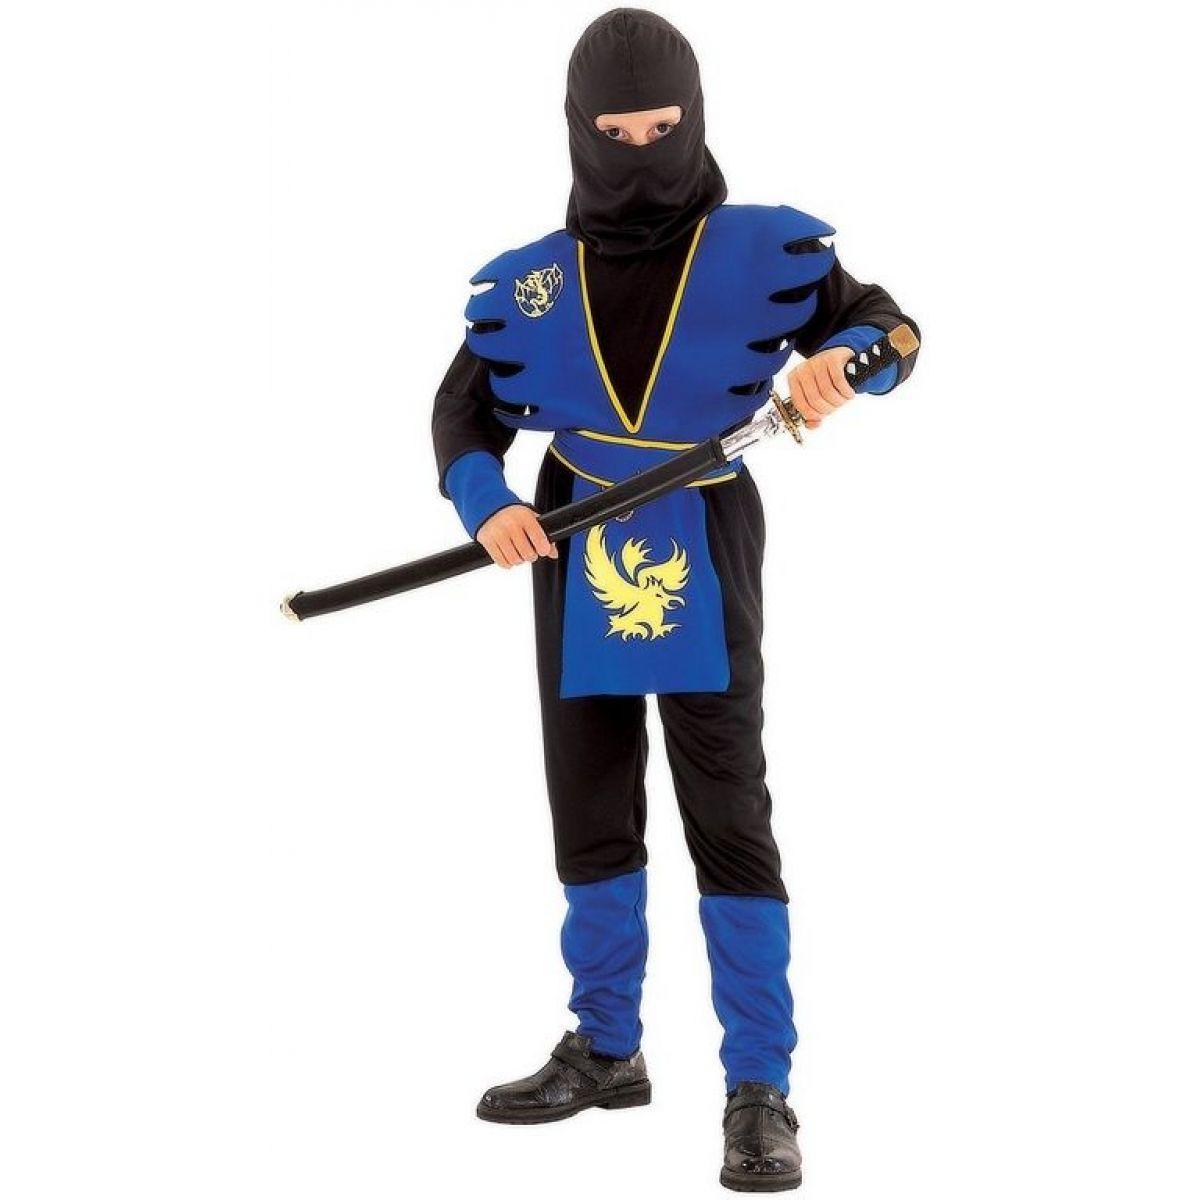 Made Dětský kostým Ninja modrý 120-130cm